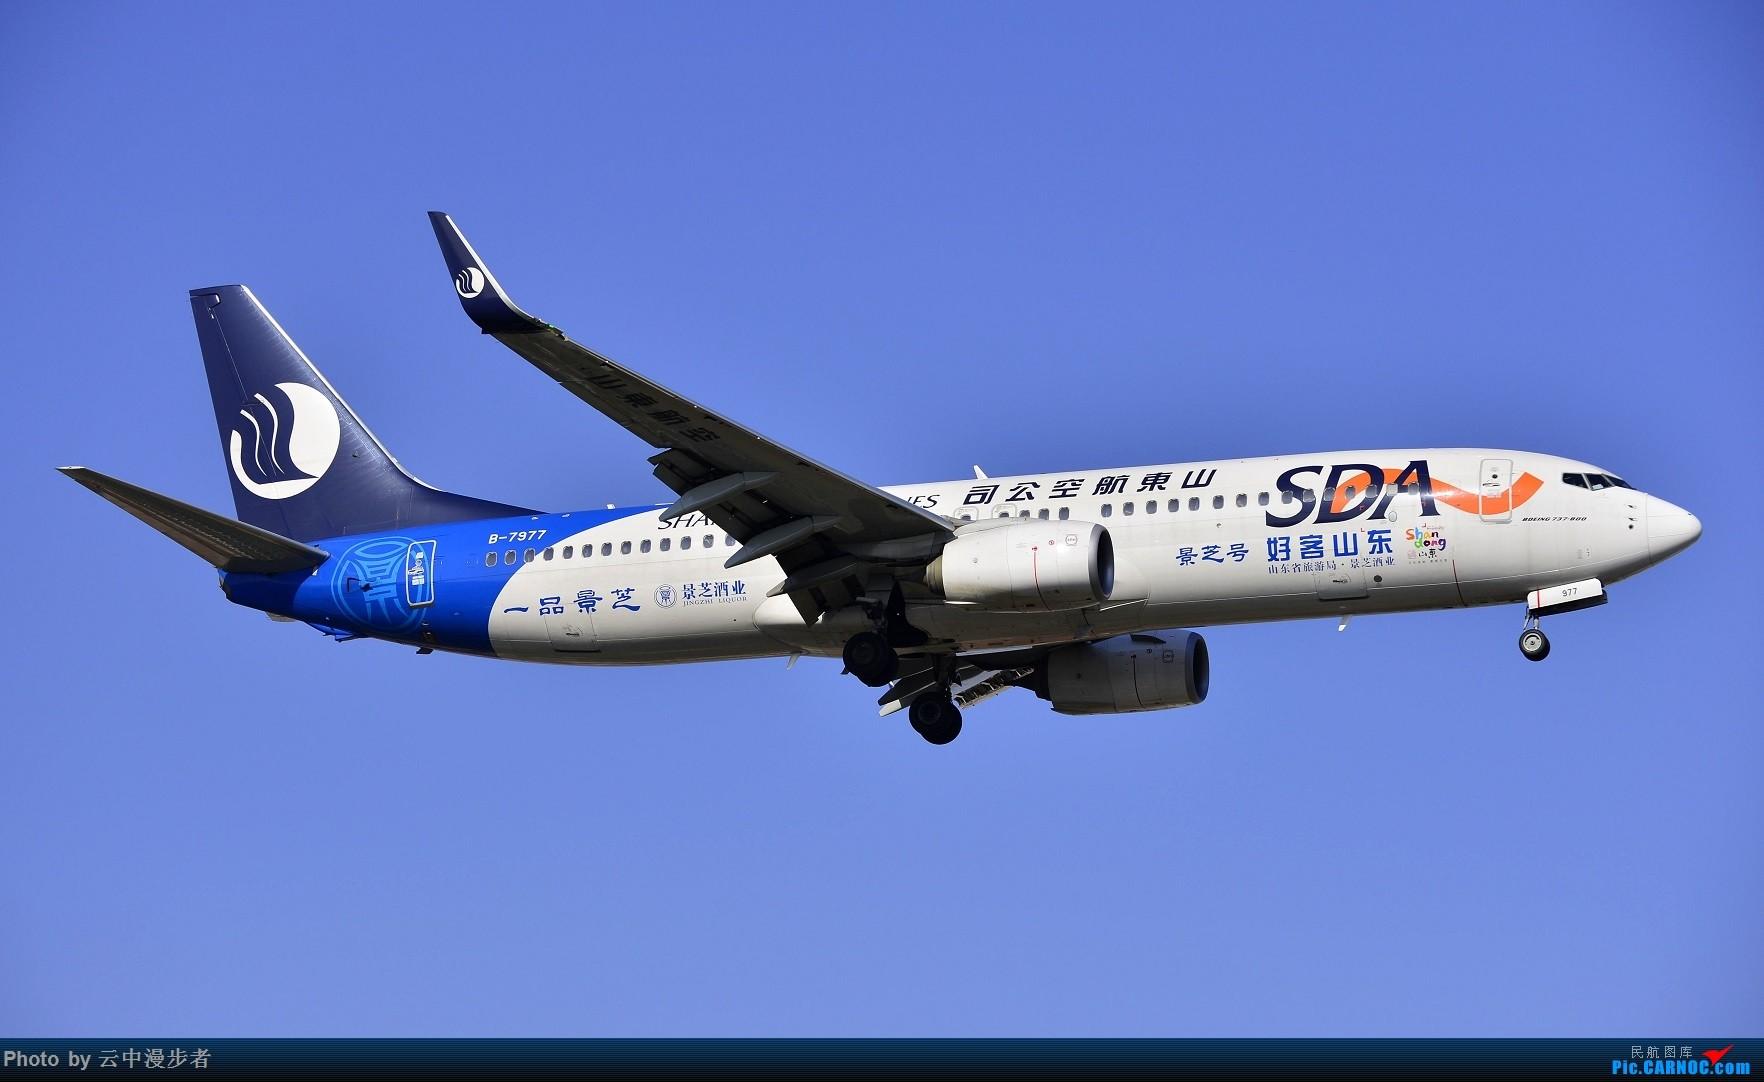 Re:[原创]元旦就要欢乐 BOEING 737-800 B-7977 中国厦门高崎国际机场